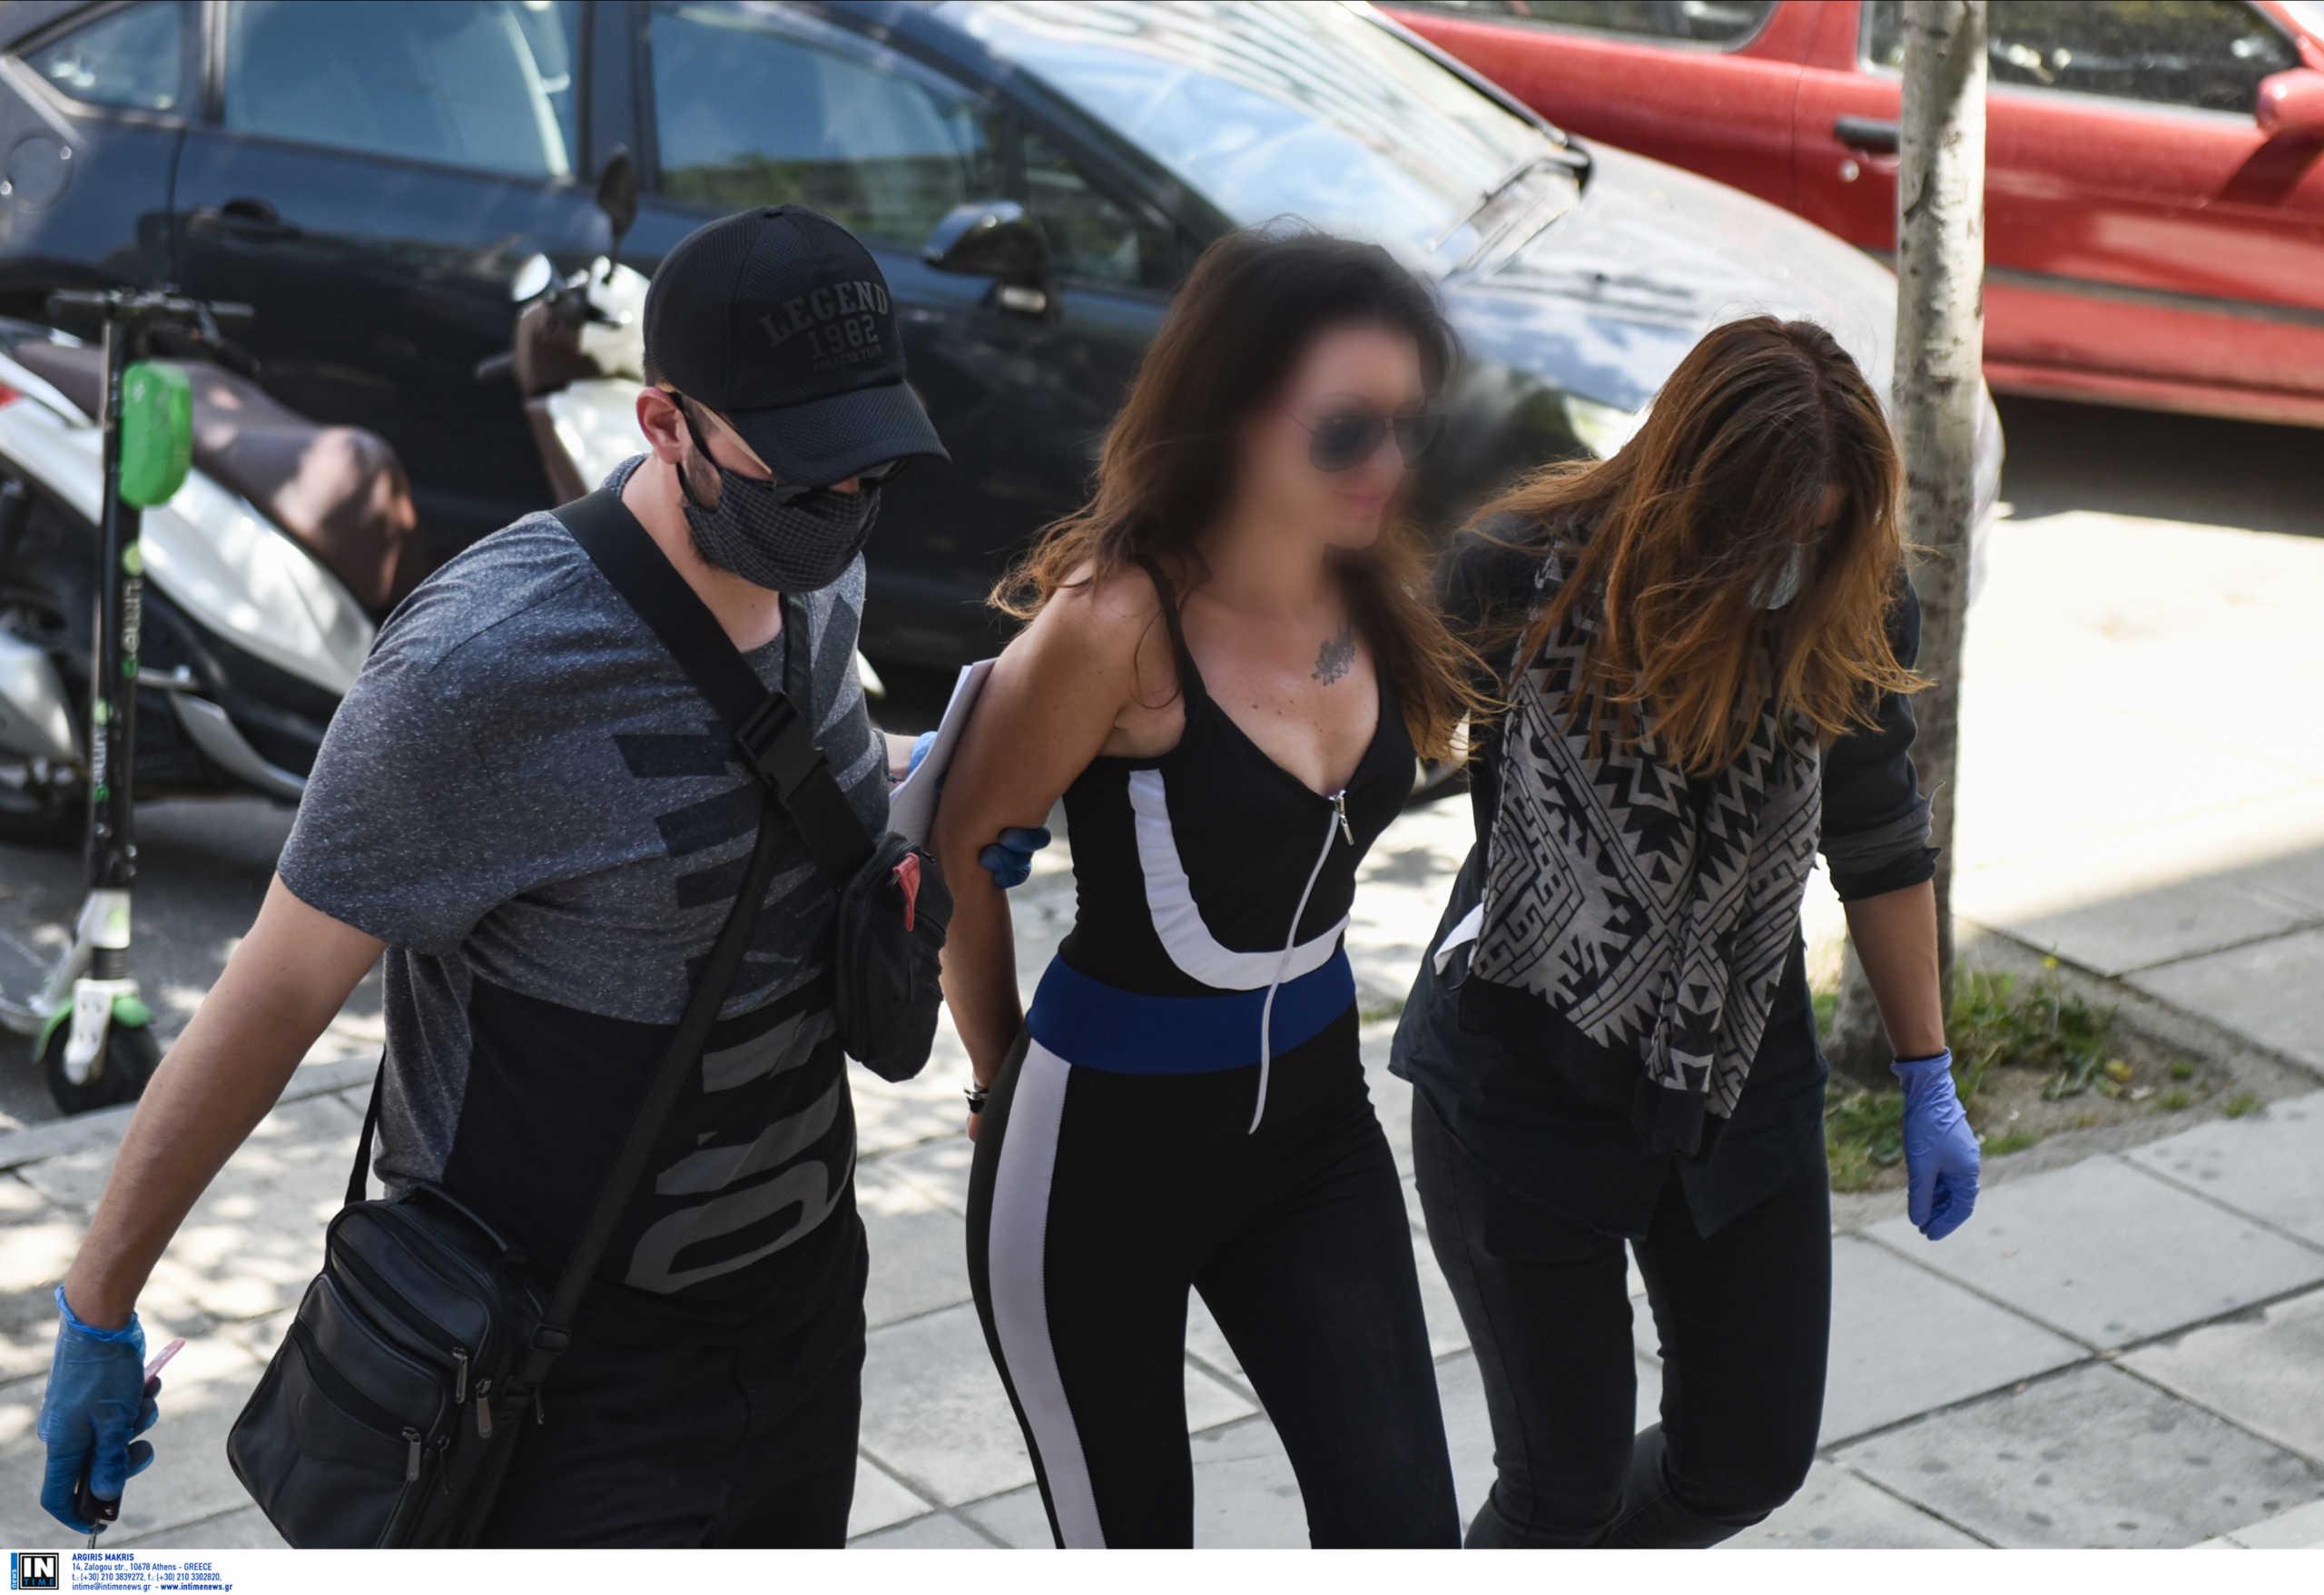 """Θεσσαλονίκη: Χαμός με την """"παρουσιάστρια"""" σε έλεγχο της αστυνομίας! Η δίωξη του εισαγγελέα"""